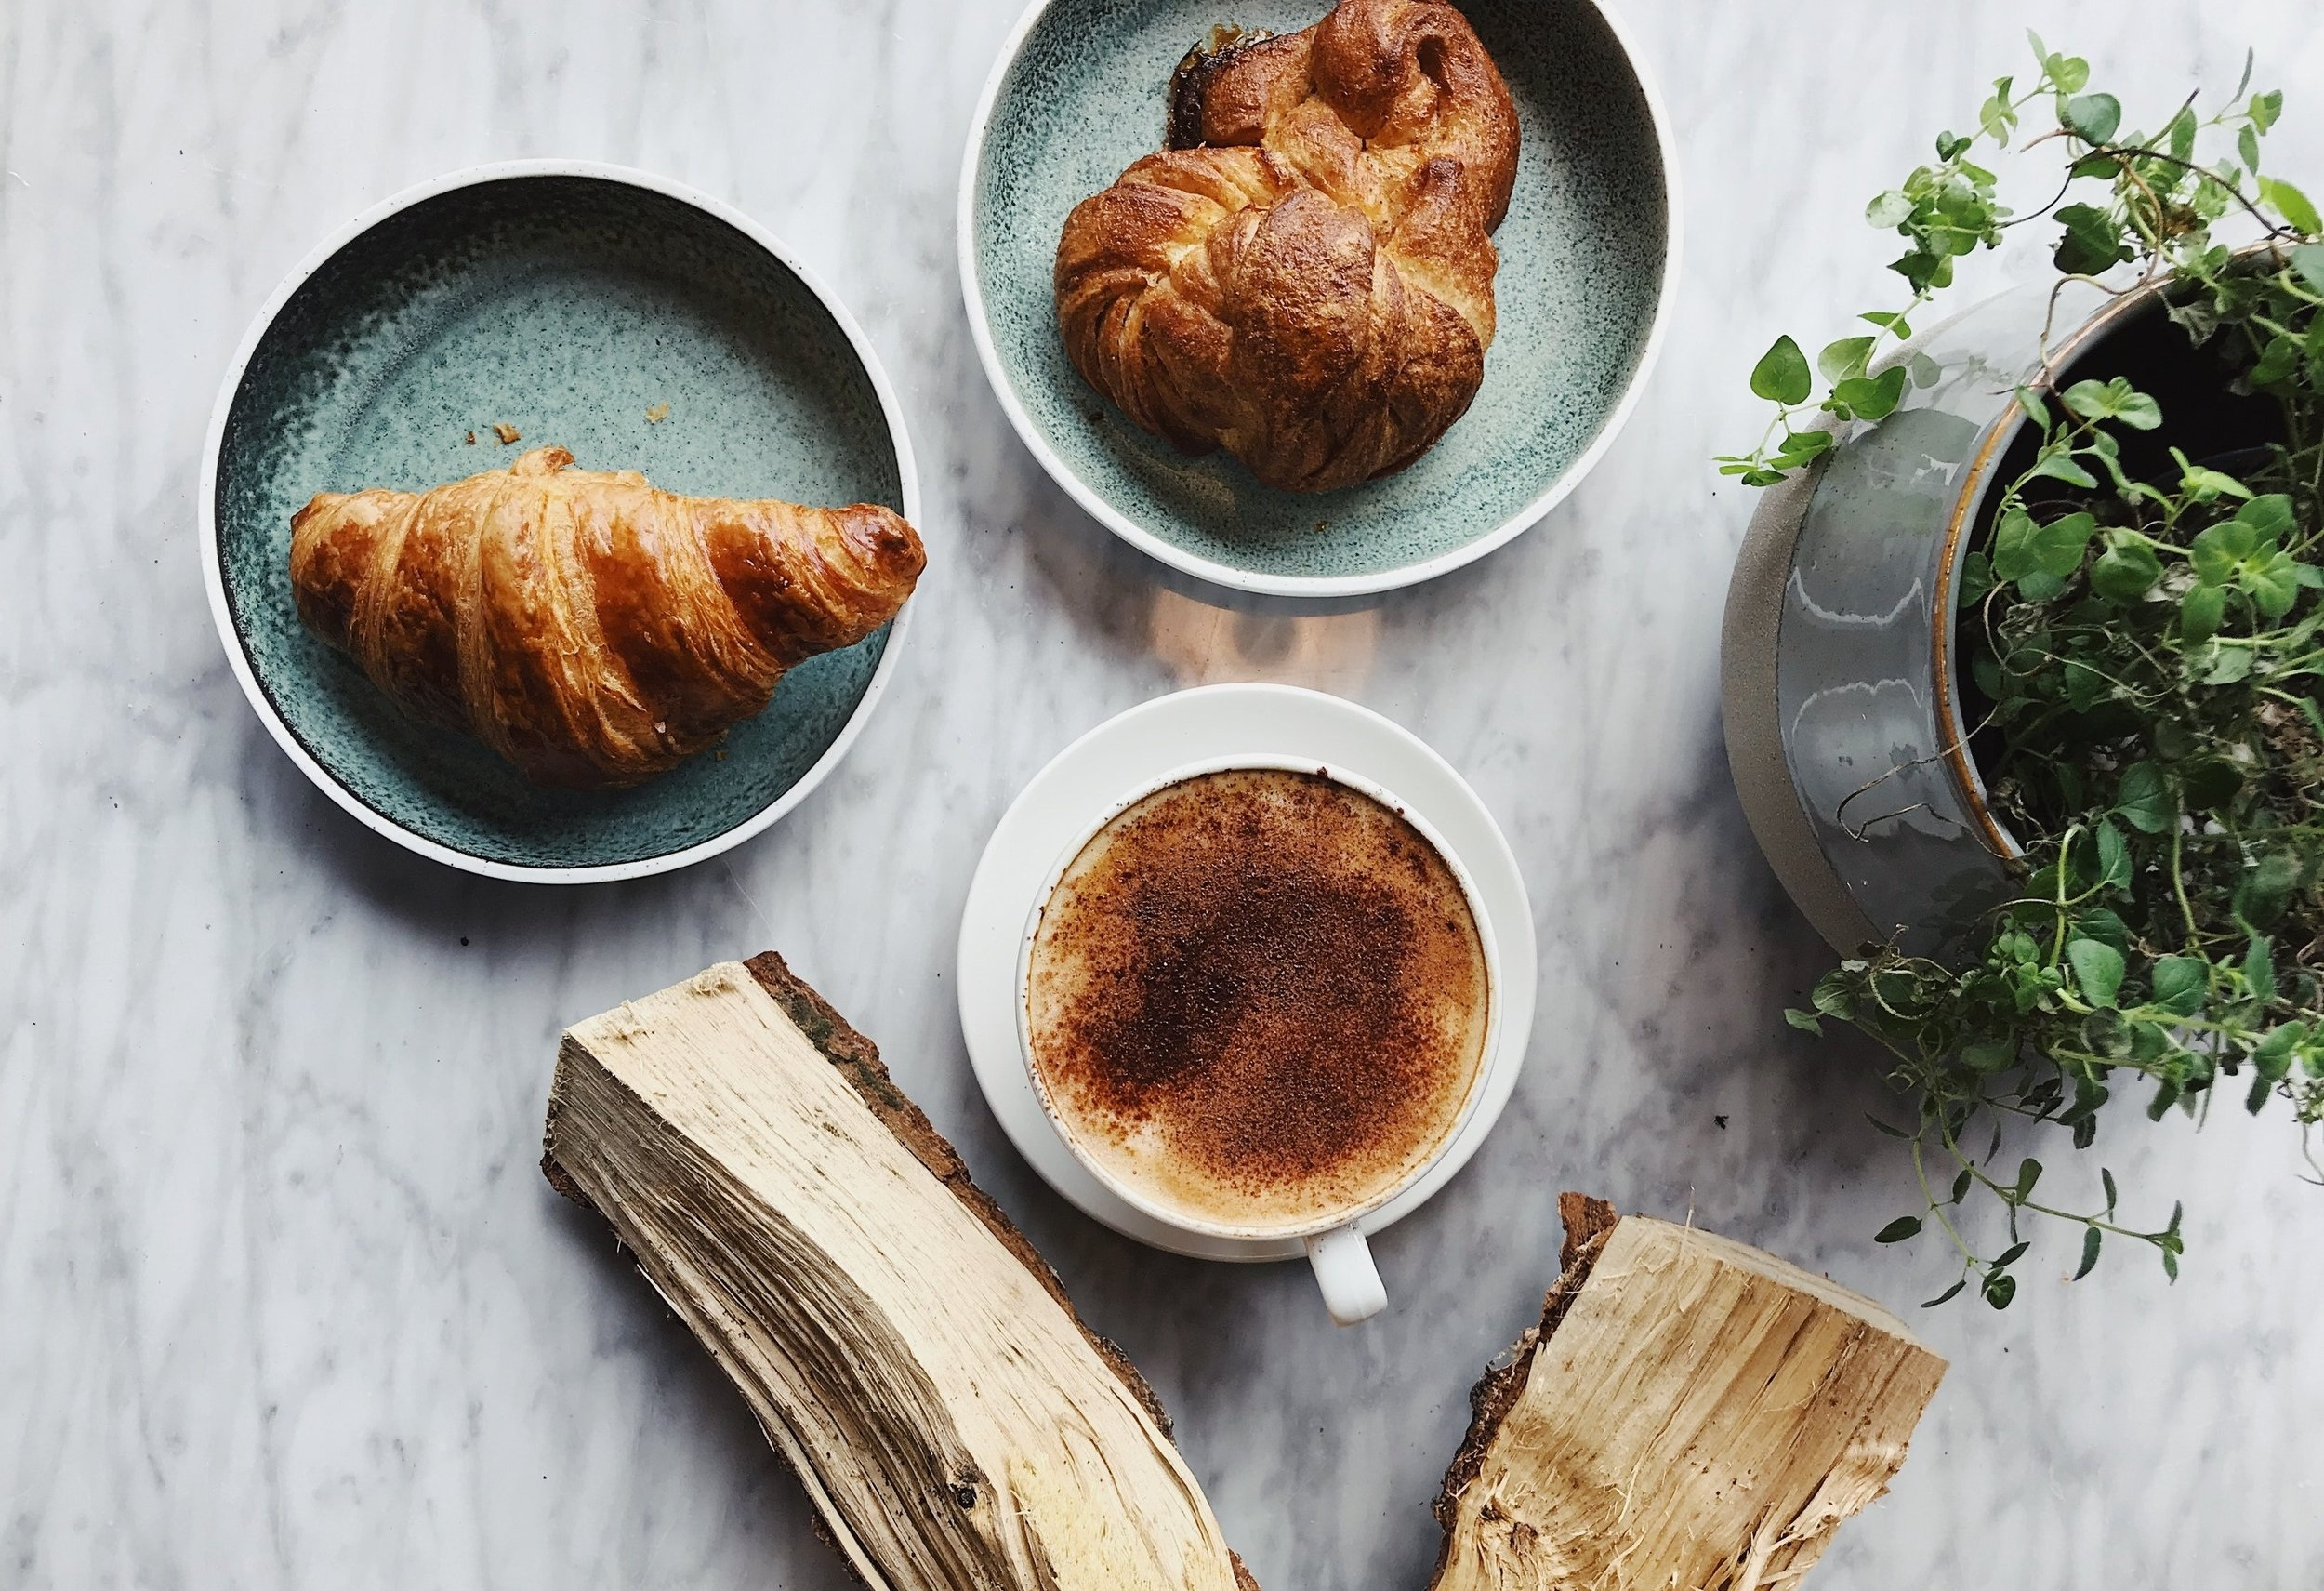 baked-beverage-bread-2351273.jpg